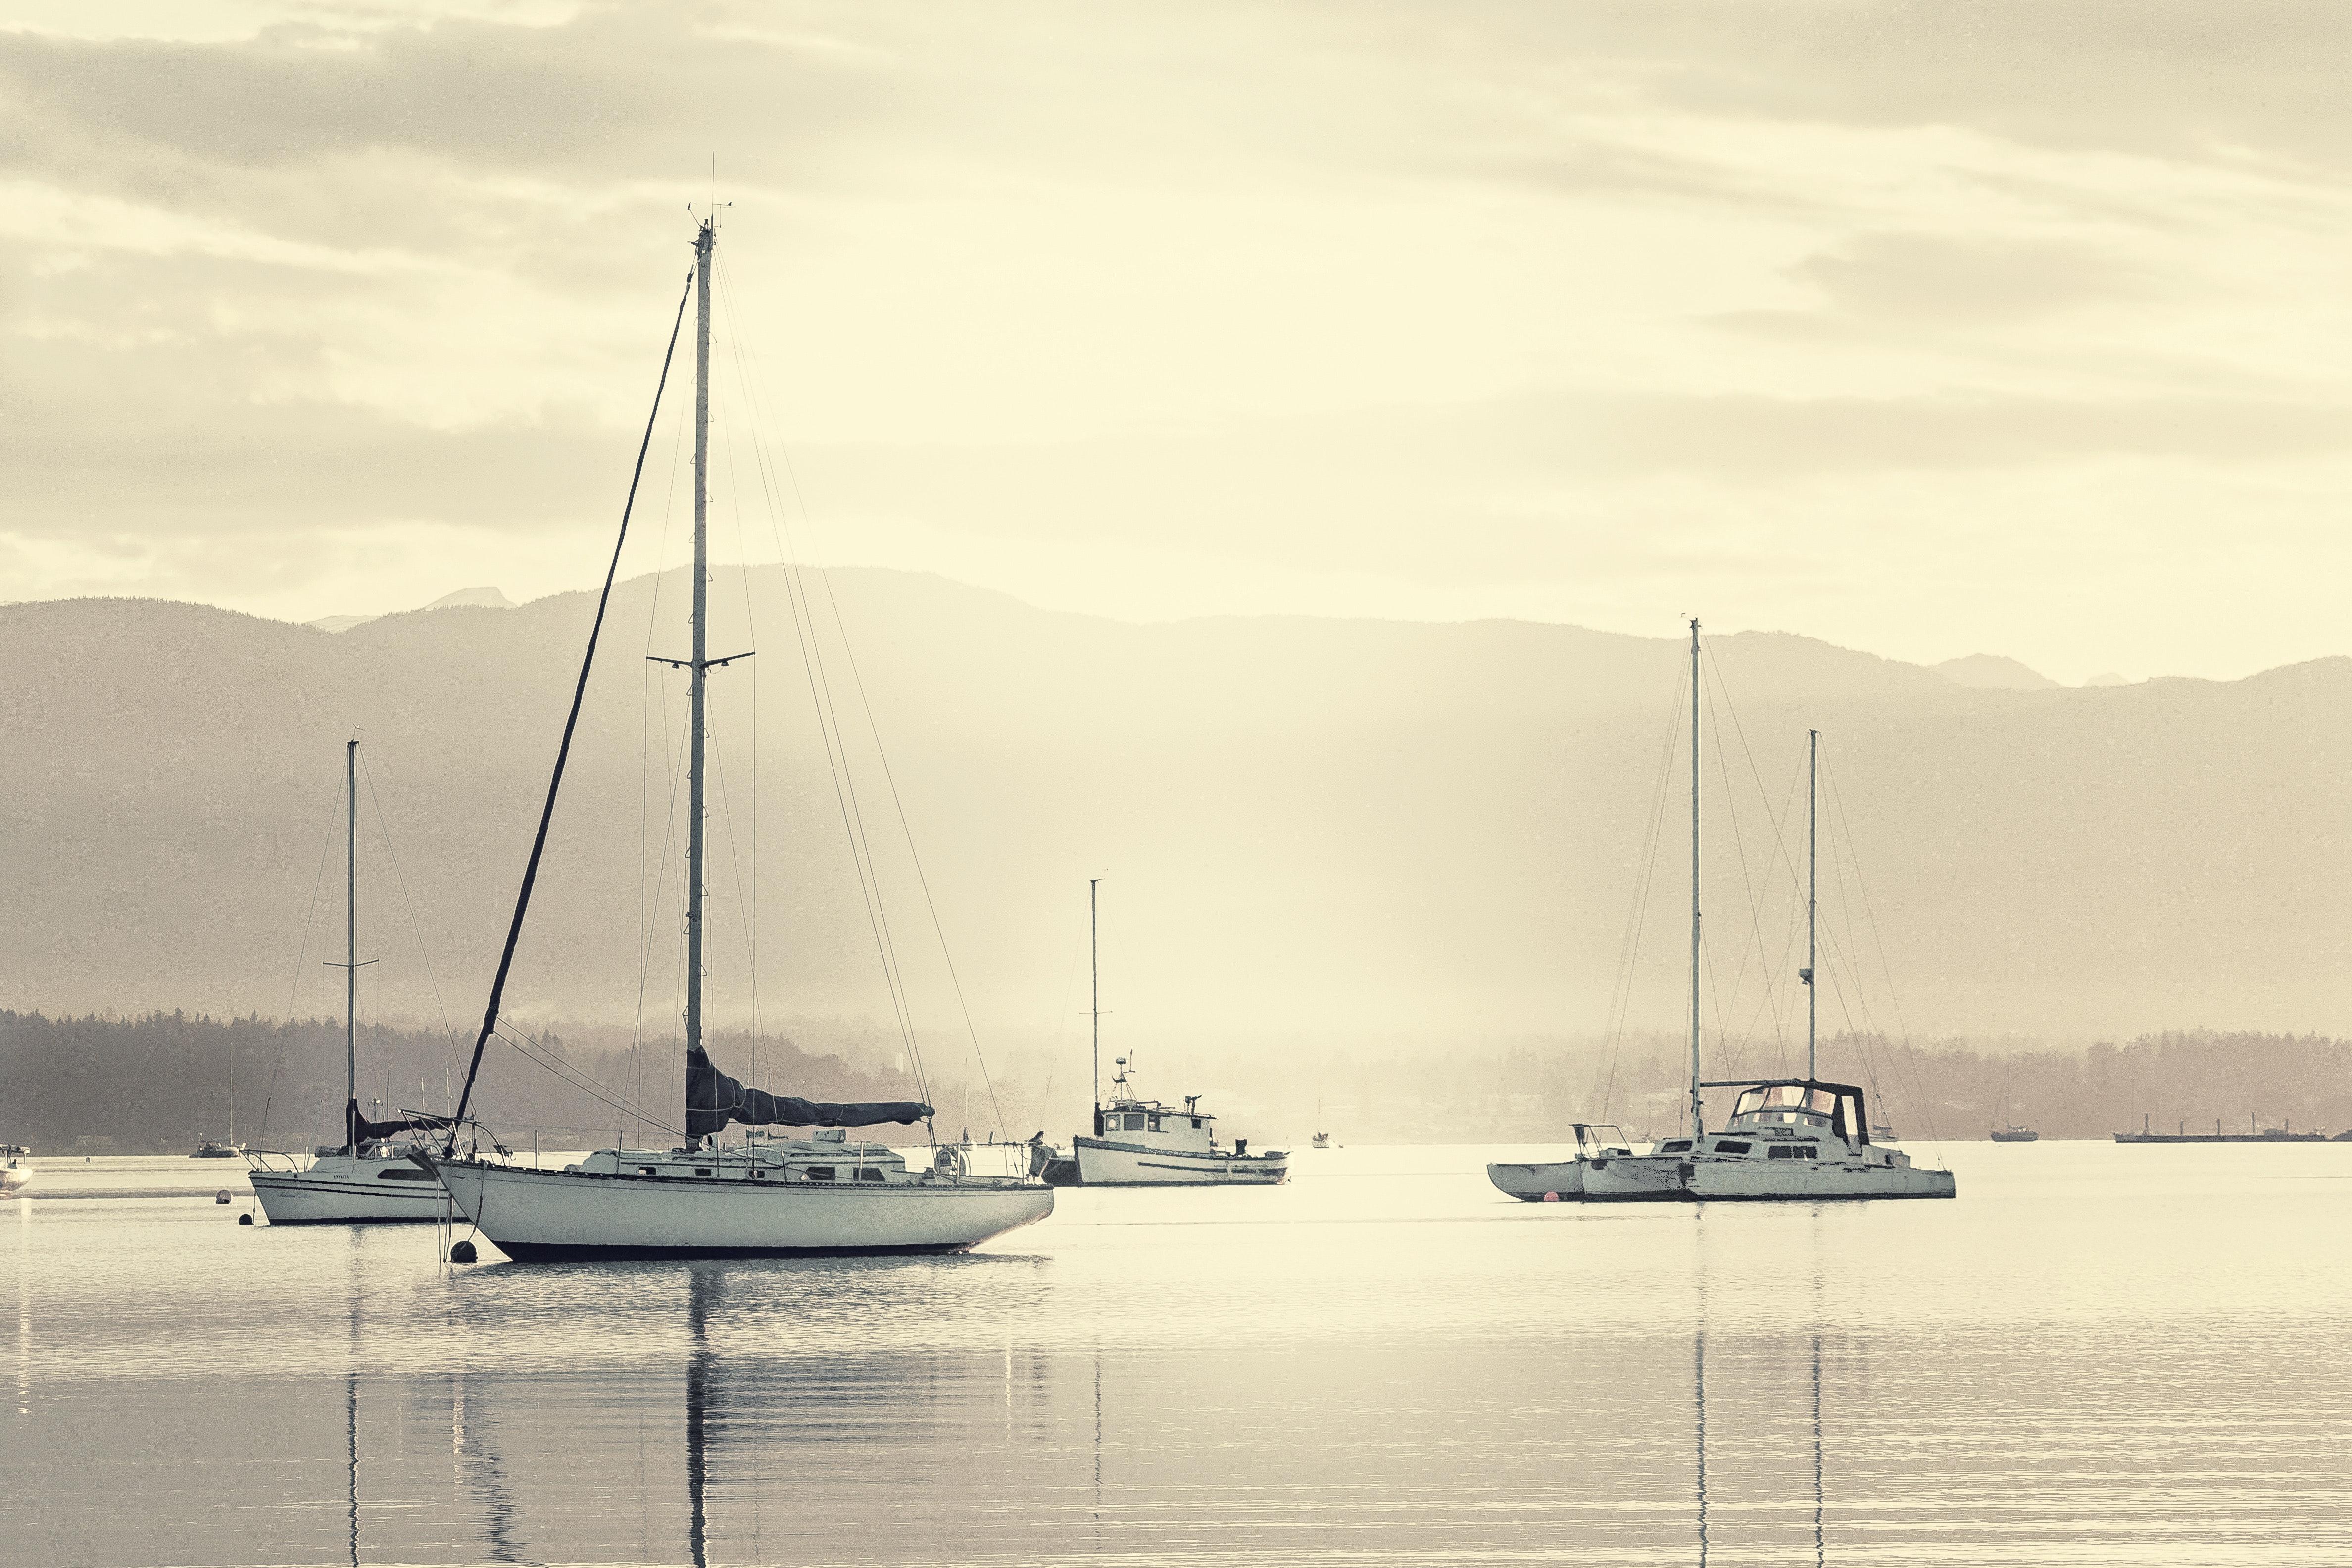 Sailboats sailing on sea against sky photo